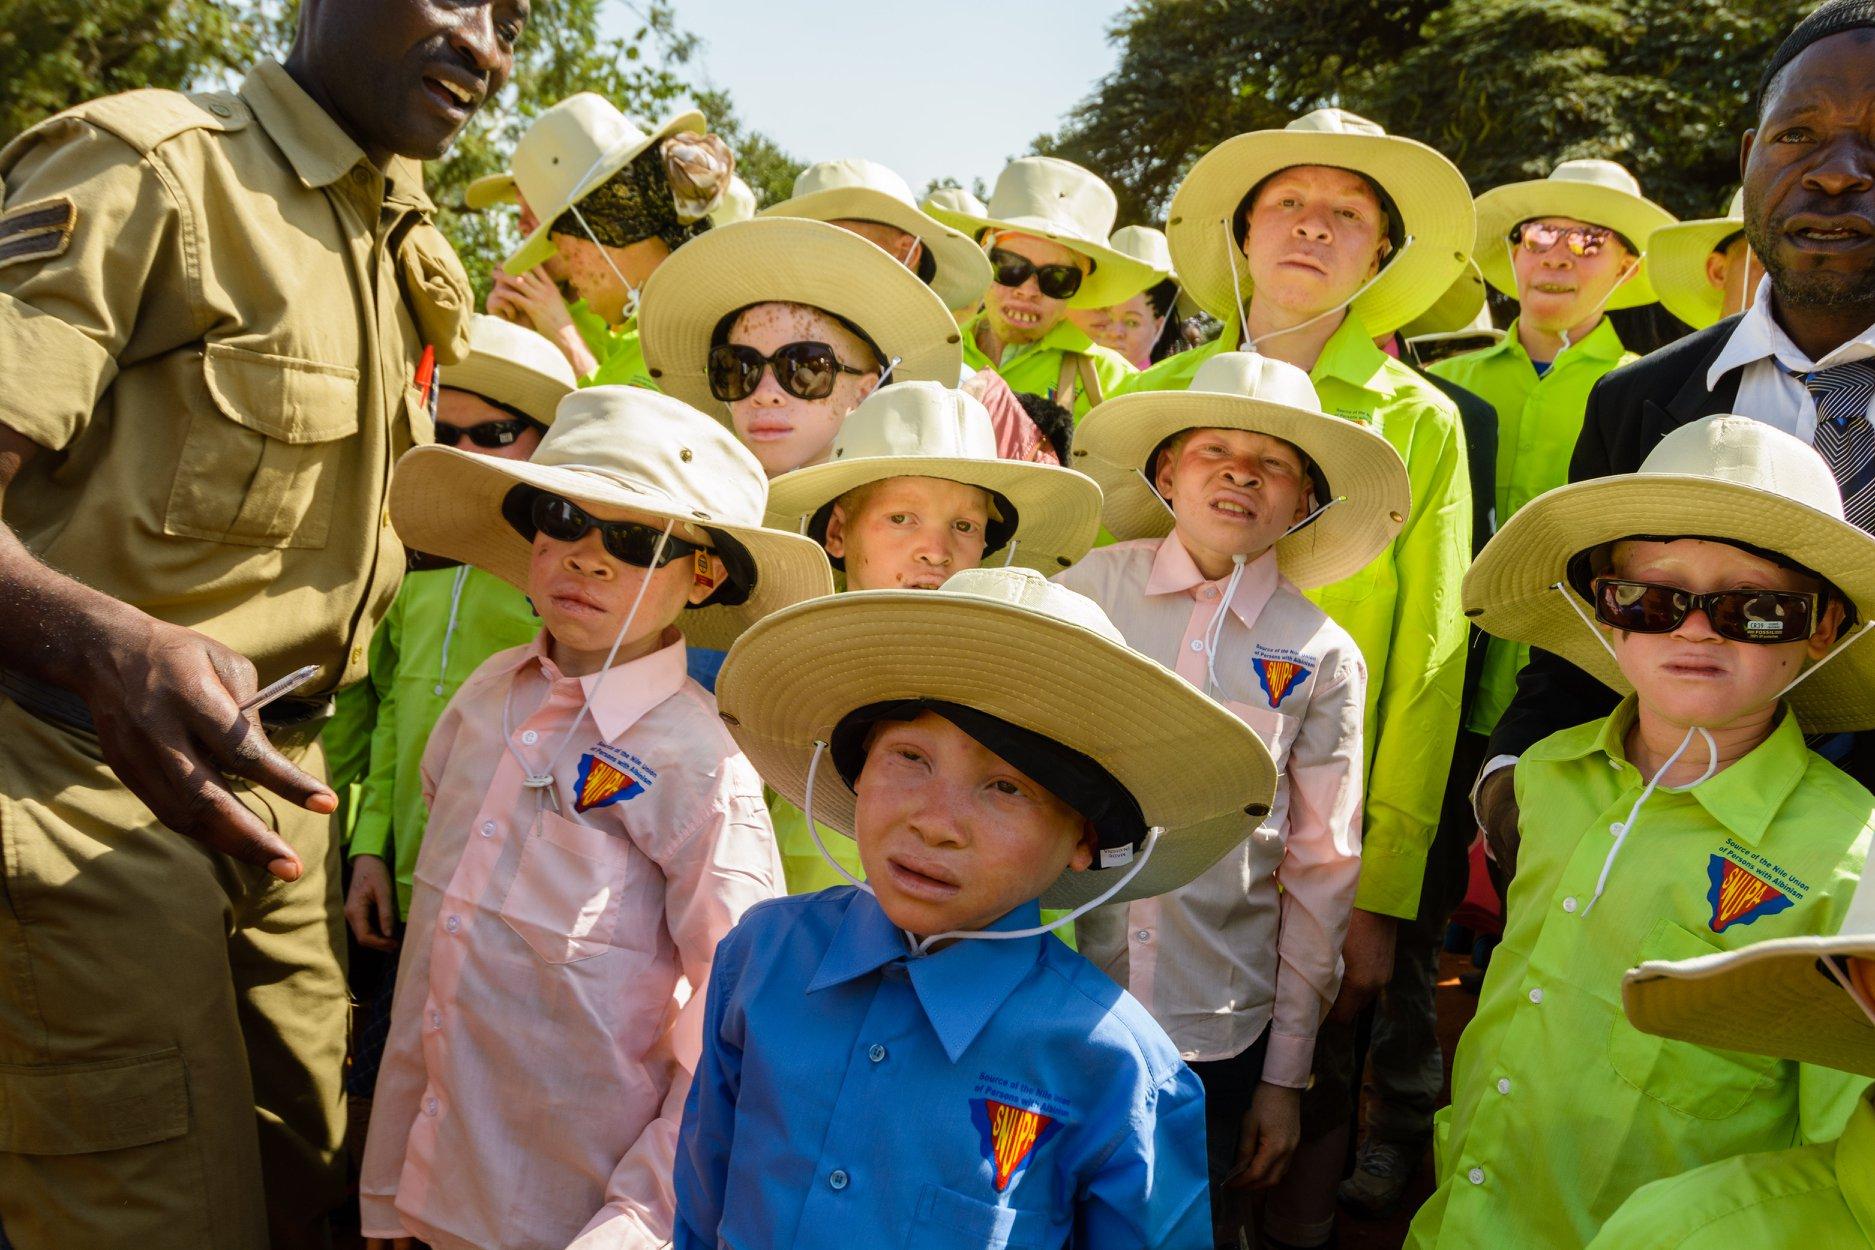 Children prepare for SNUPA's IAAD march